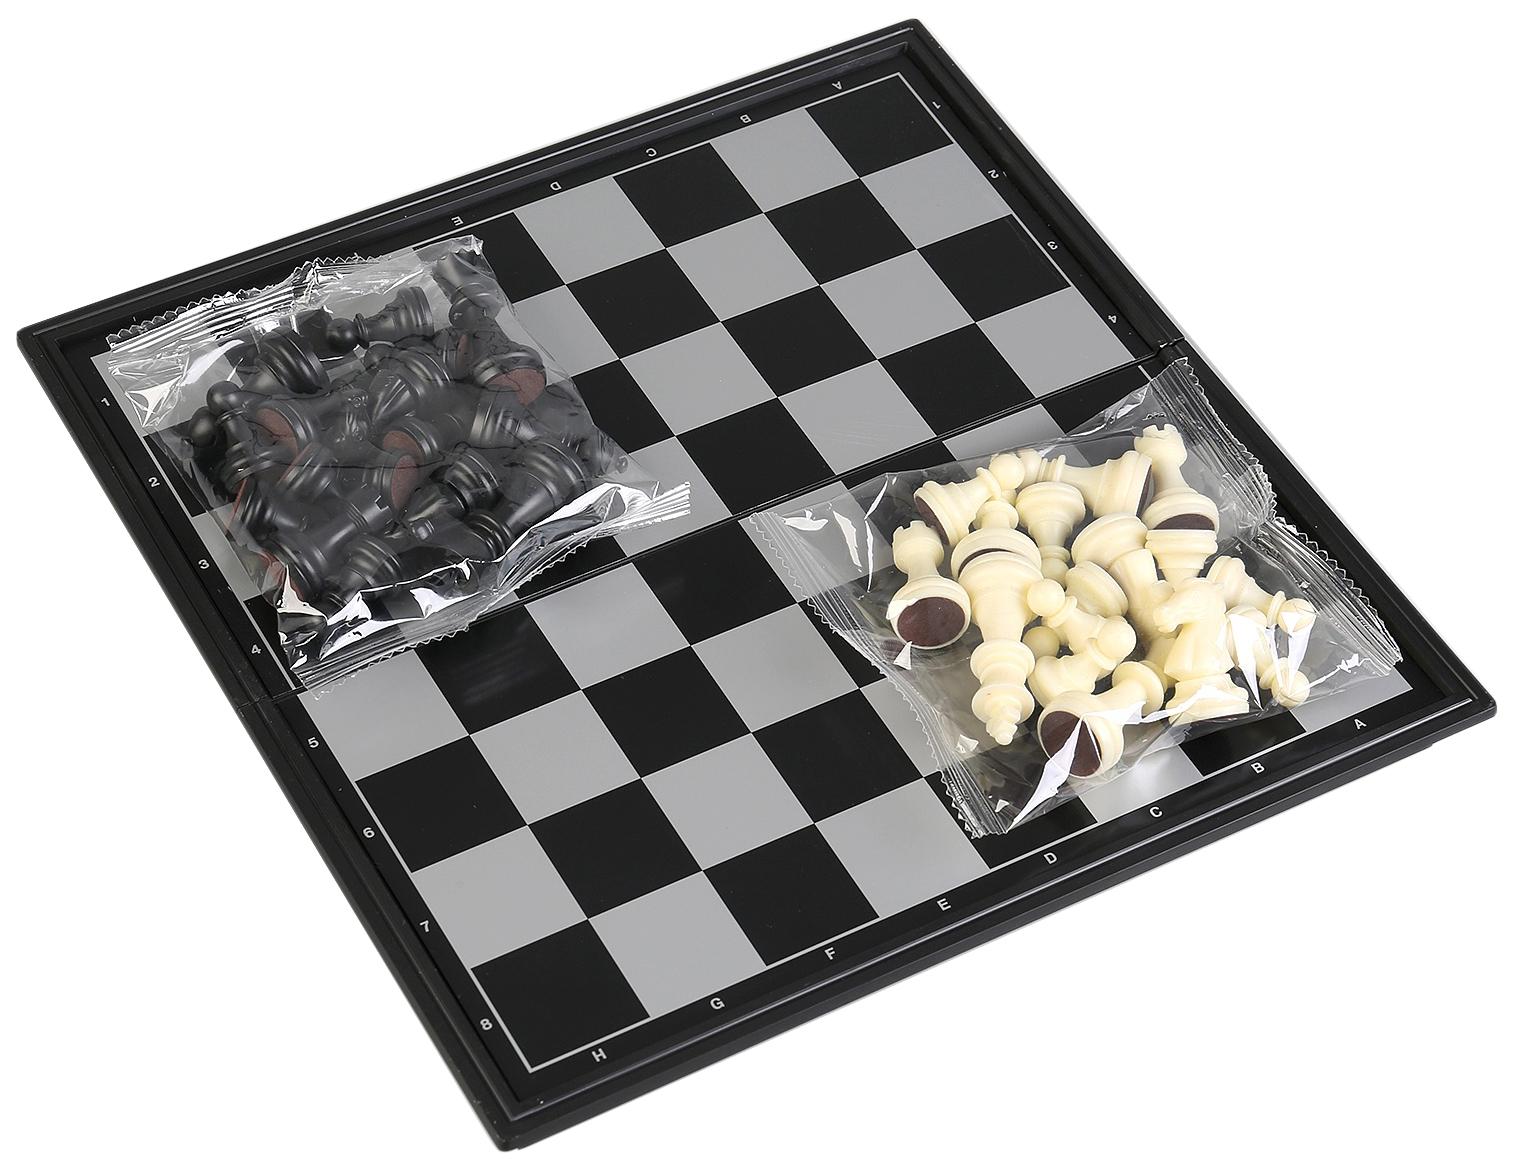 Игра настольная 3-в-1 (шахматы, шашки, нарды), артикул B236780R